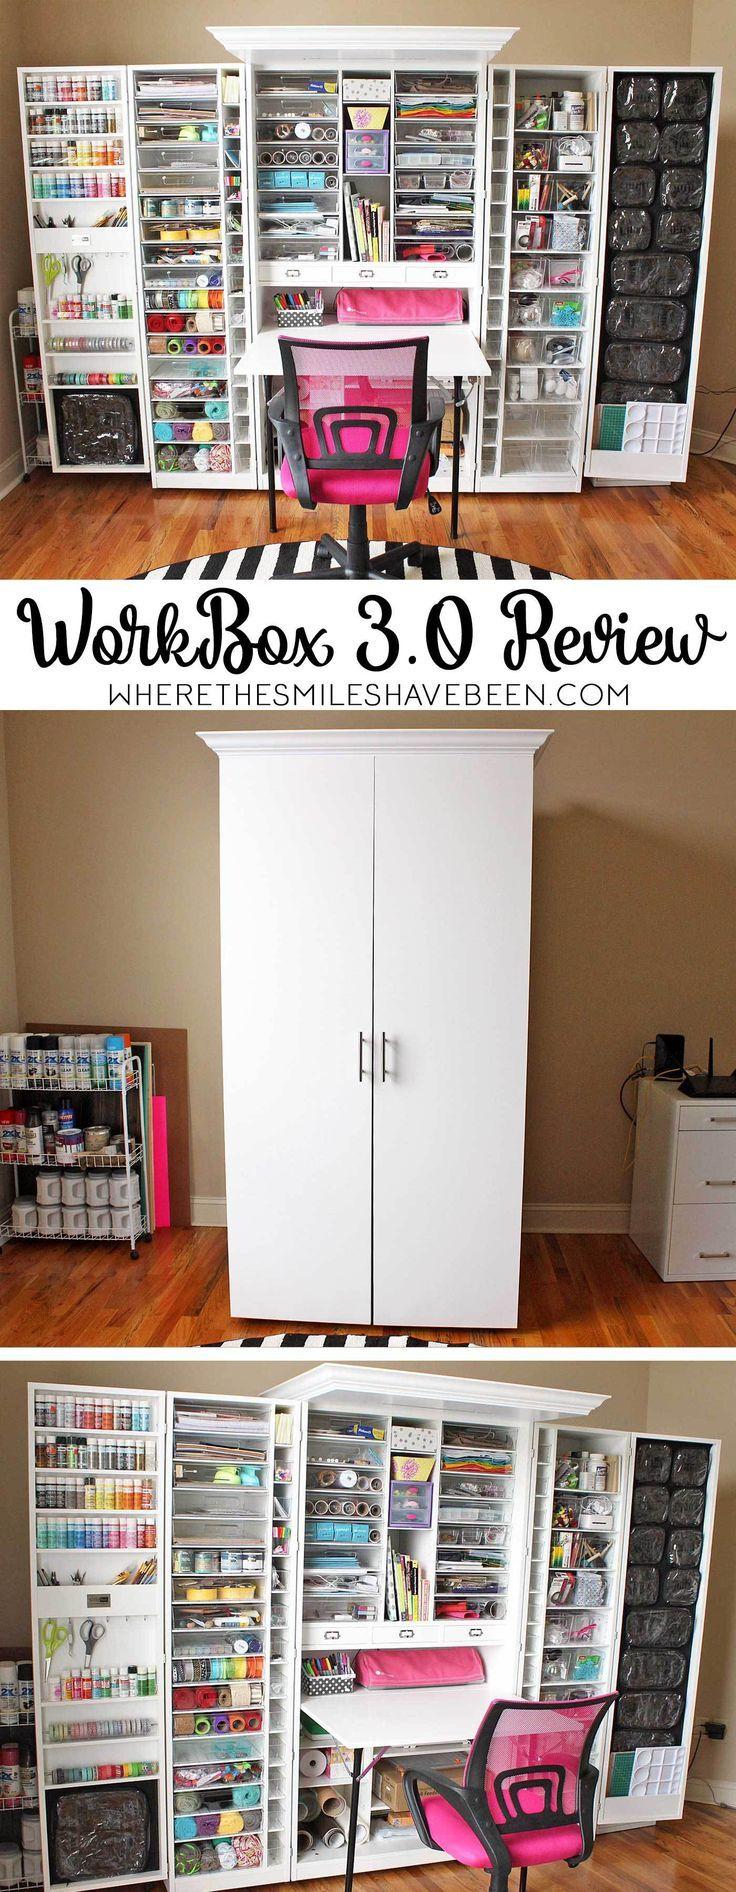 My WorkBox 3.0 Review: Das Gute, das Schlechte und die WTF ?!